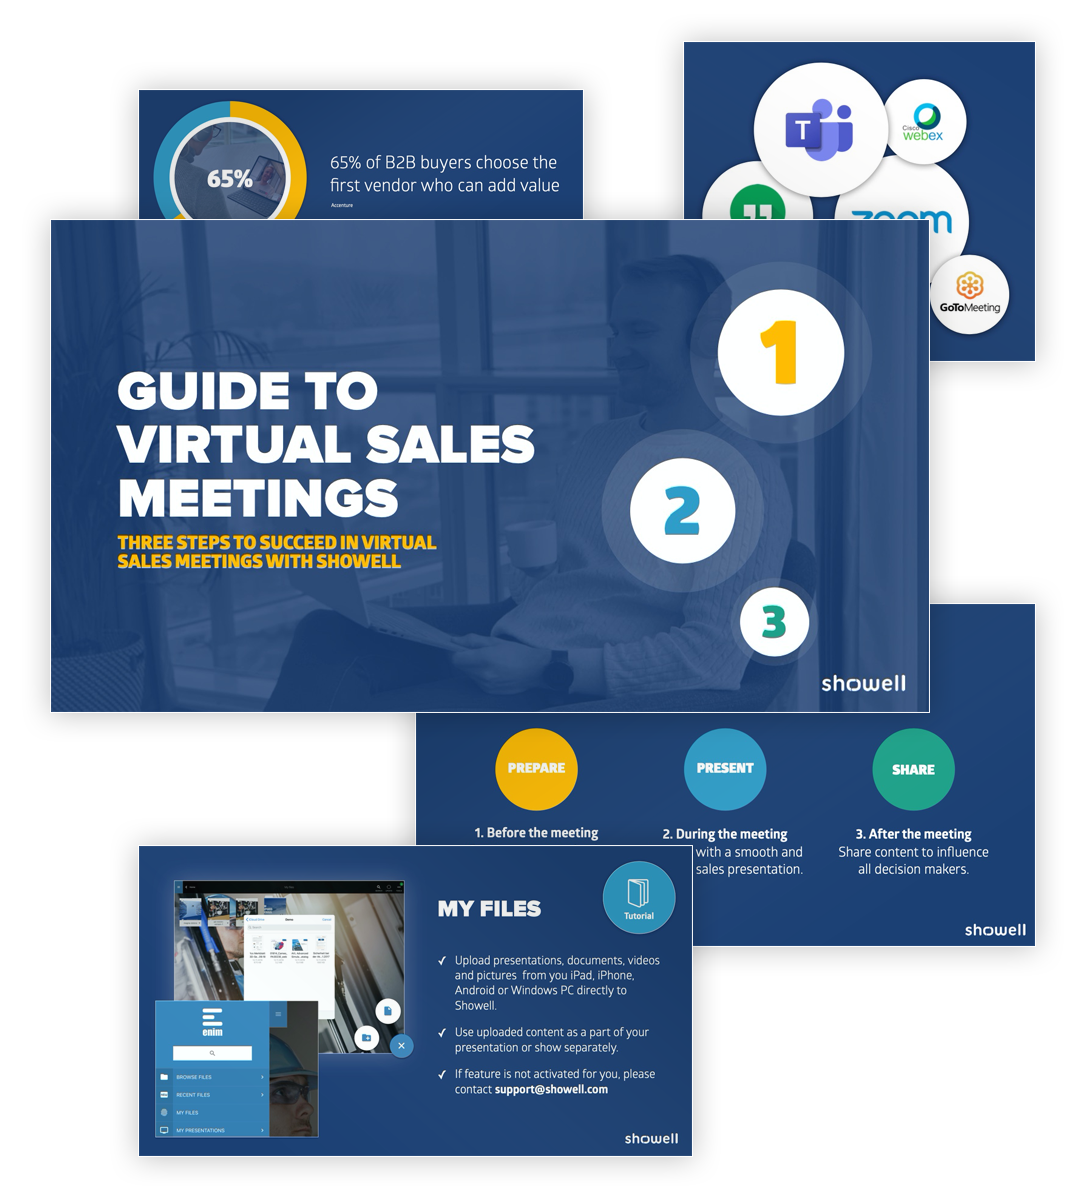 guide-to-virtual-sales-meetings